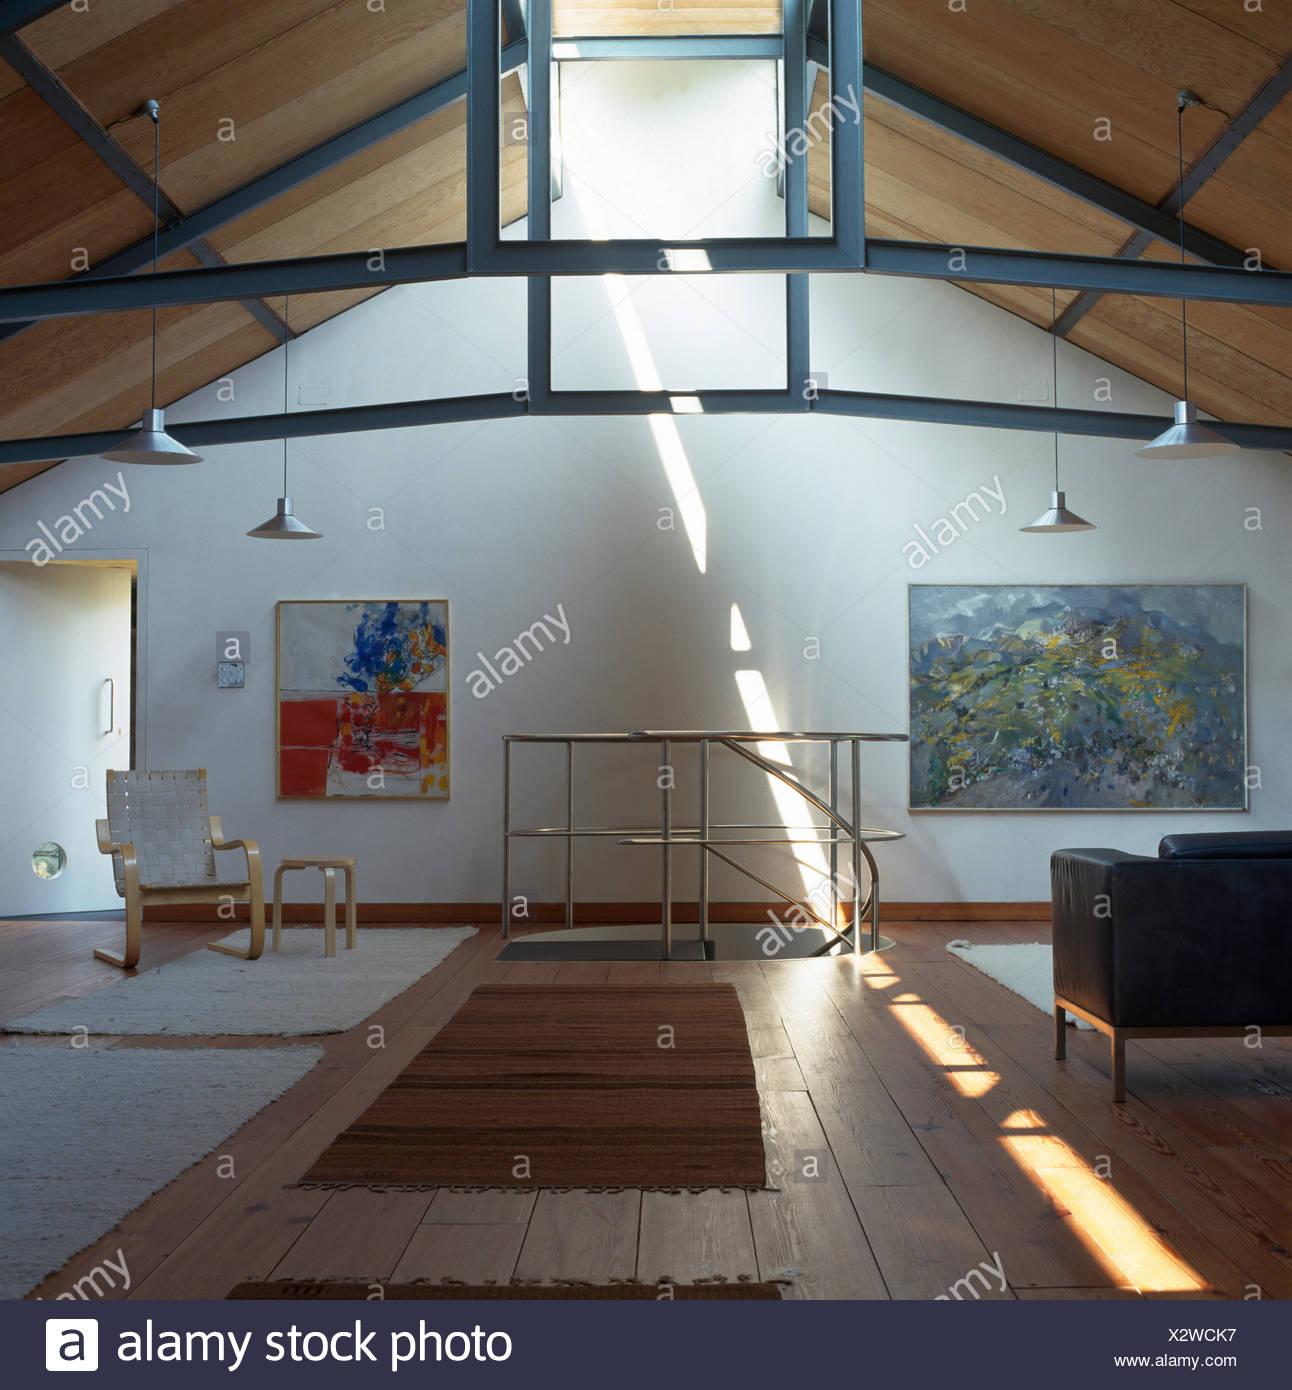 Mitte Jahrhundert Möbel In Einem Wohnzimmer In Einem Land  Dachgeschossausbau Mit Teppichen Auf Hölzernen Bodenbelag